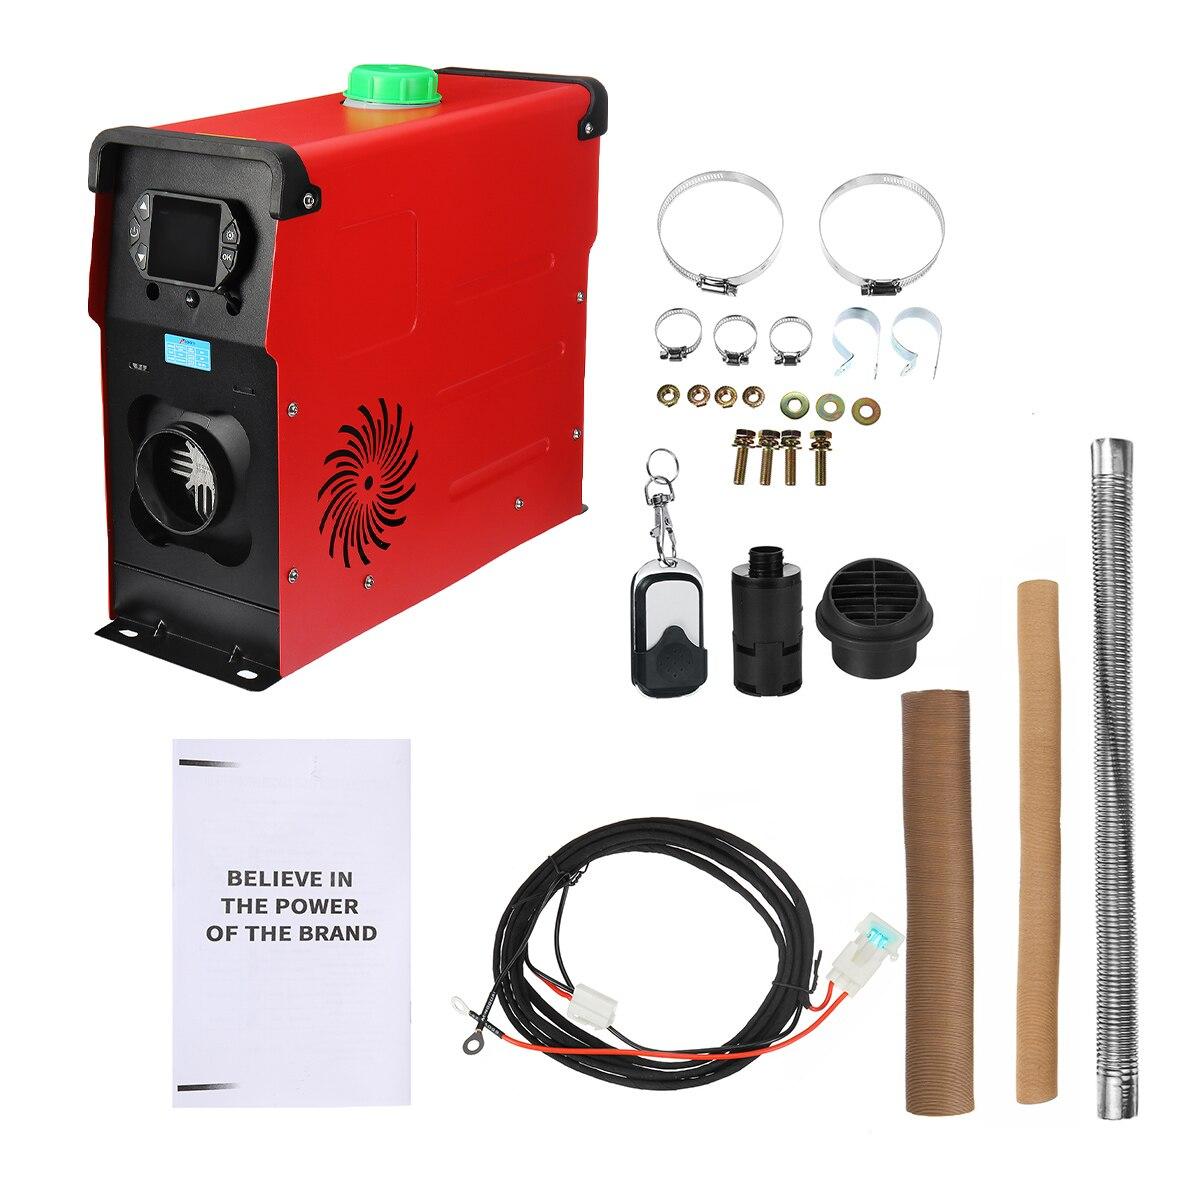 calentador de autom/óvil de un solo orificio M/áquina de aire acondicionado Calentador de estacionamiento todo en uno para autocarav con control remoto y pantalla LCD Calentador de aire di/ésel 12V 8KW